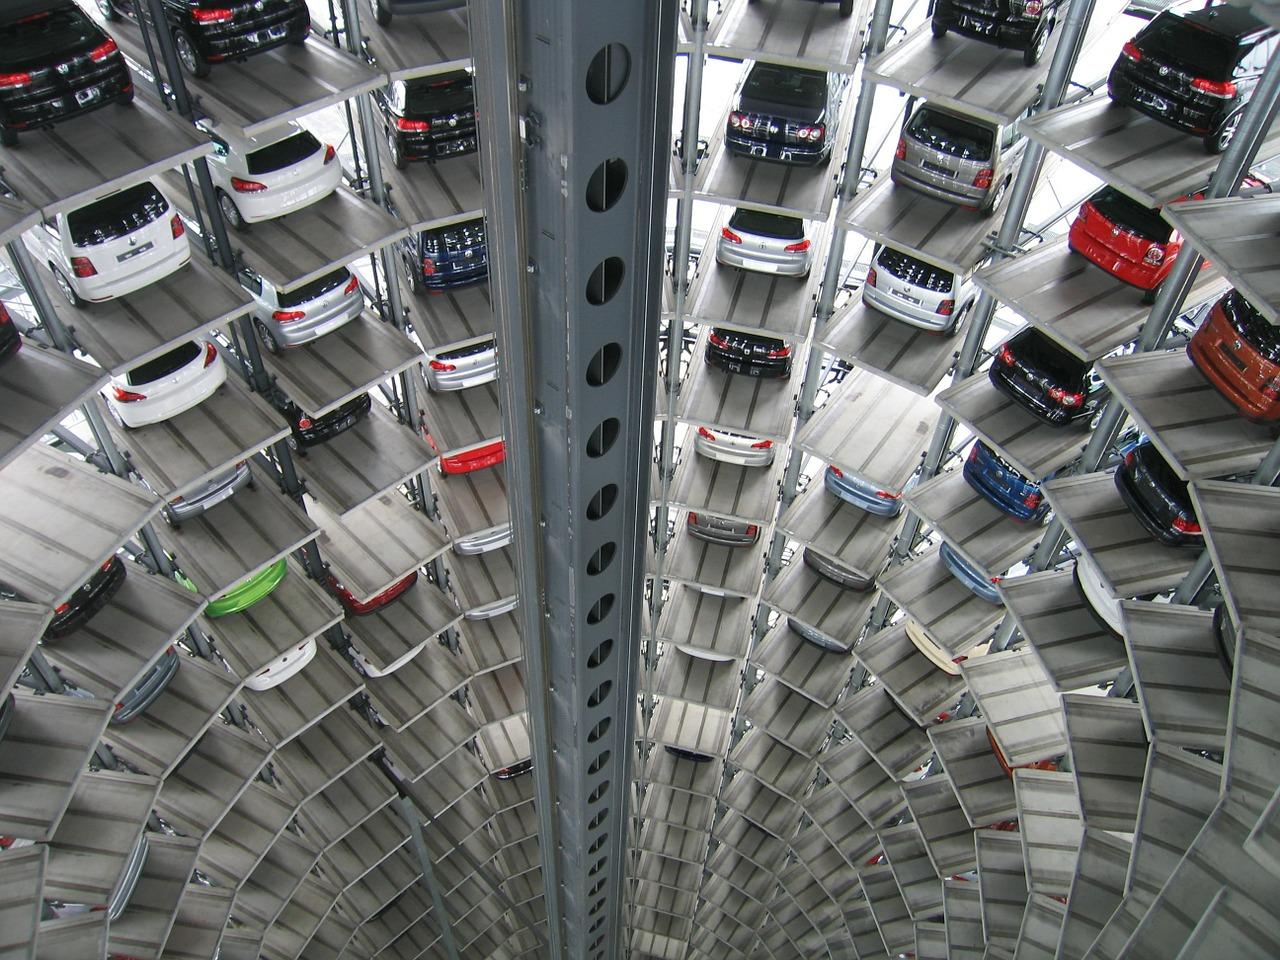 Autokartell aufgedeckt - welche Rechte haben die Autokäufer?